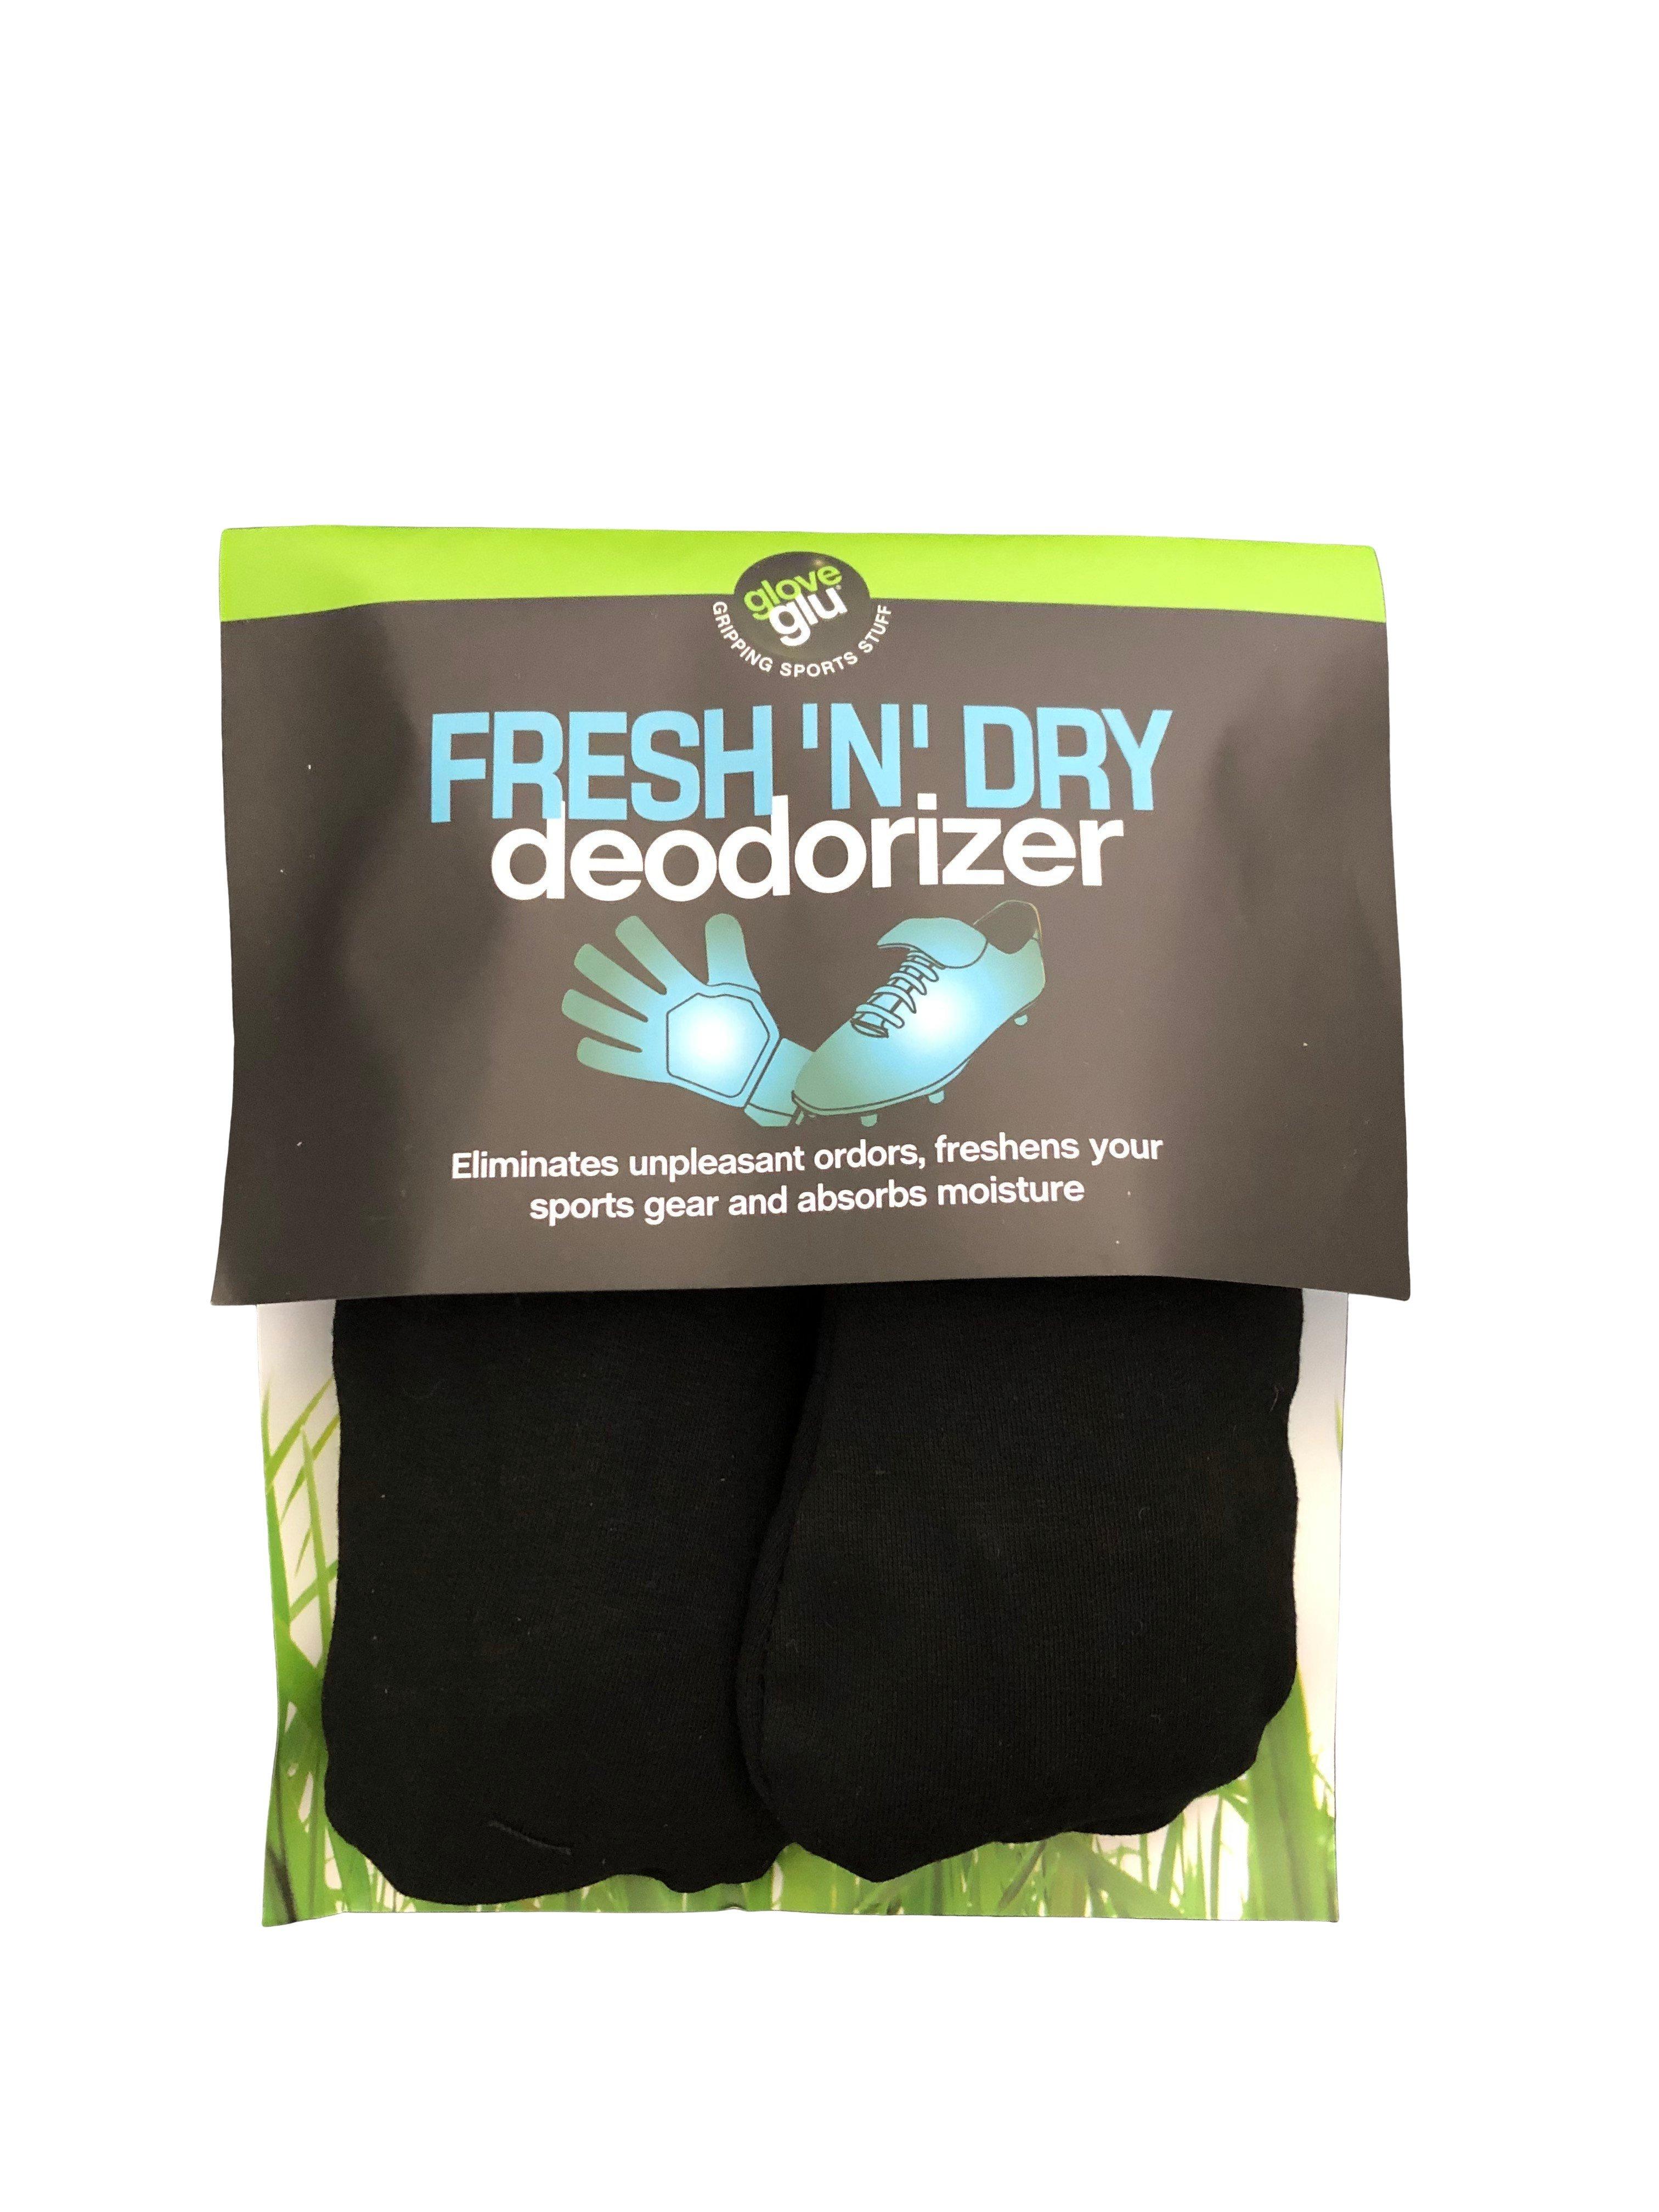 Fresh n dry deodorizer